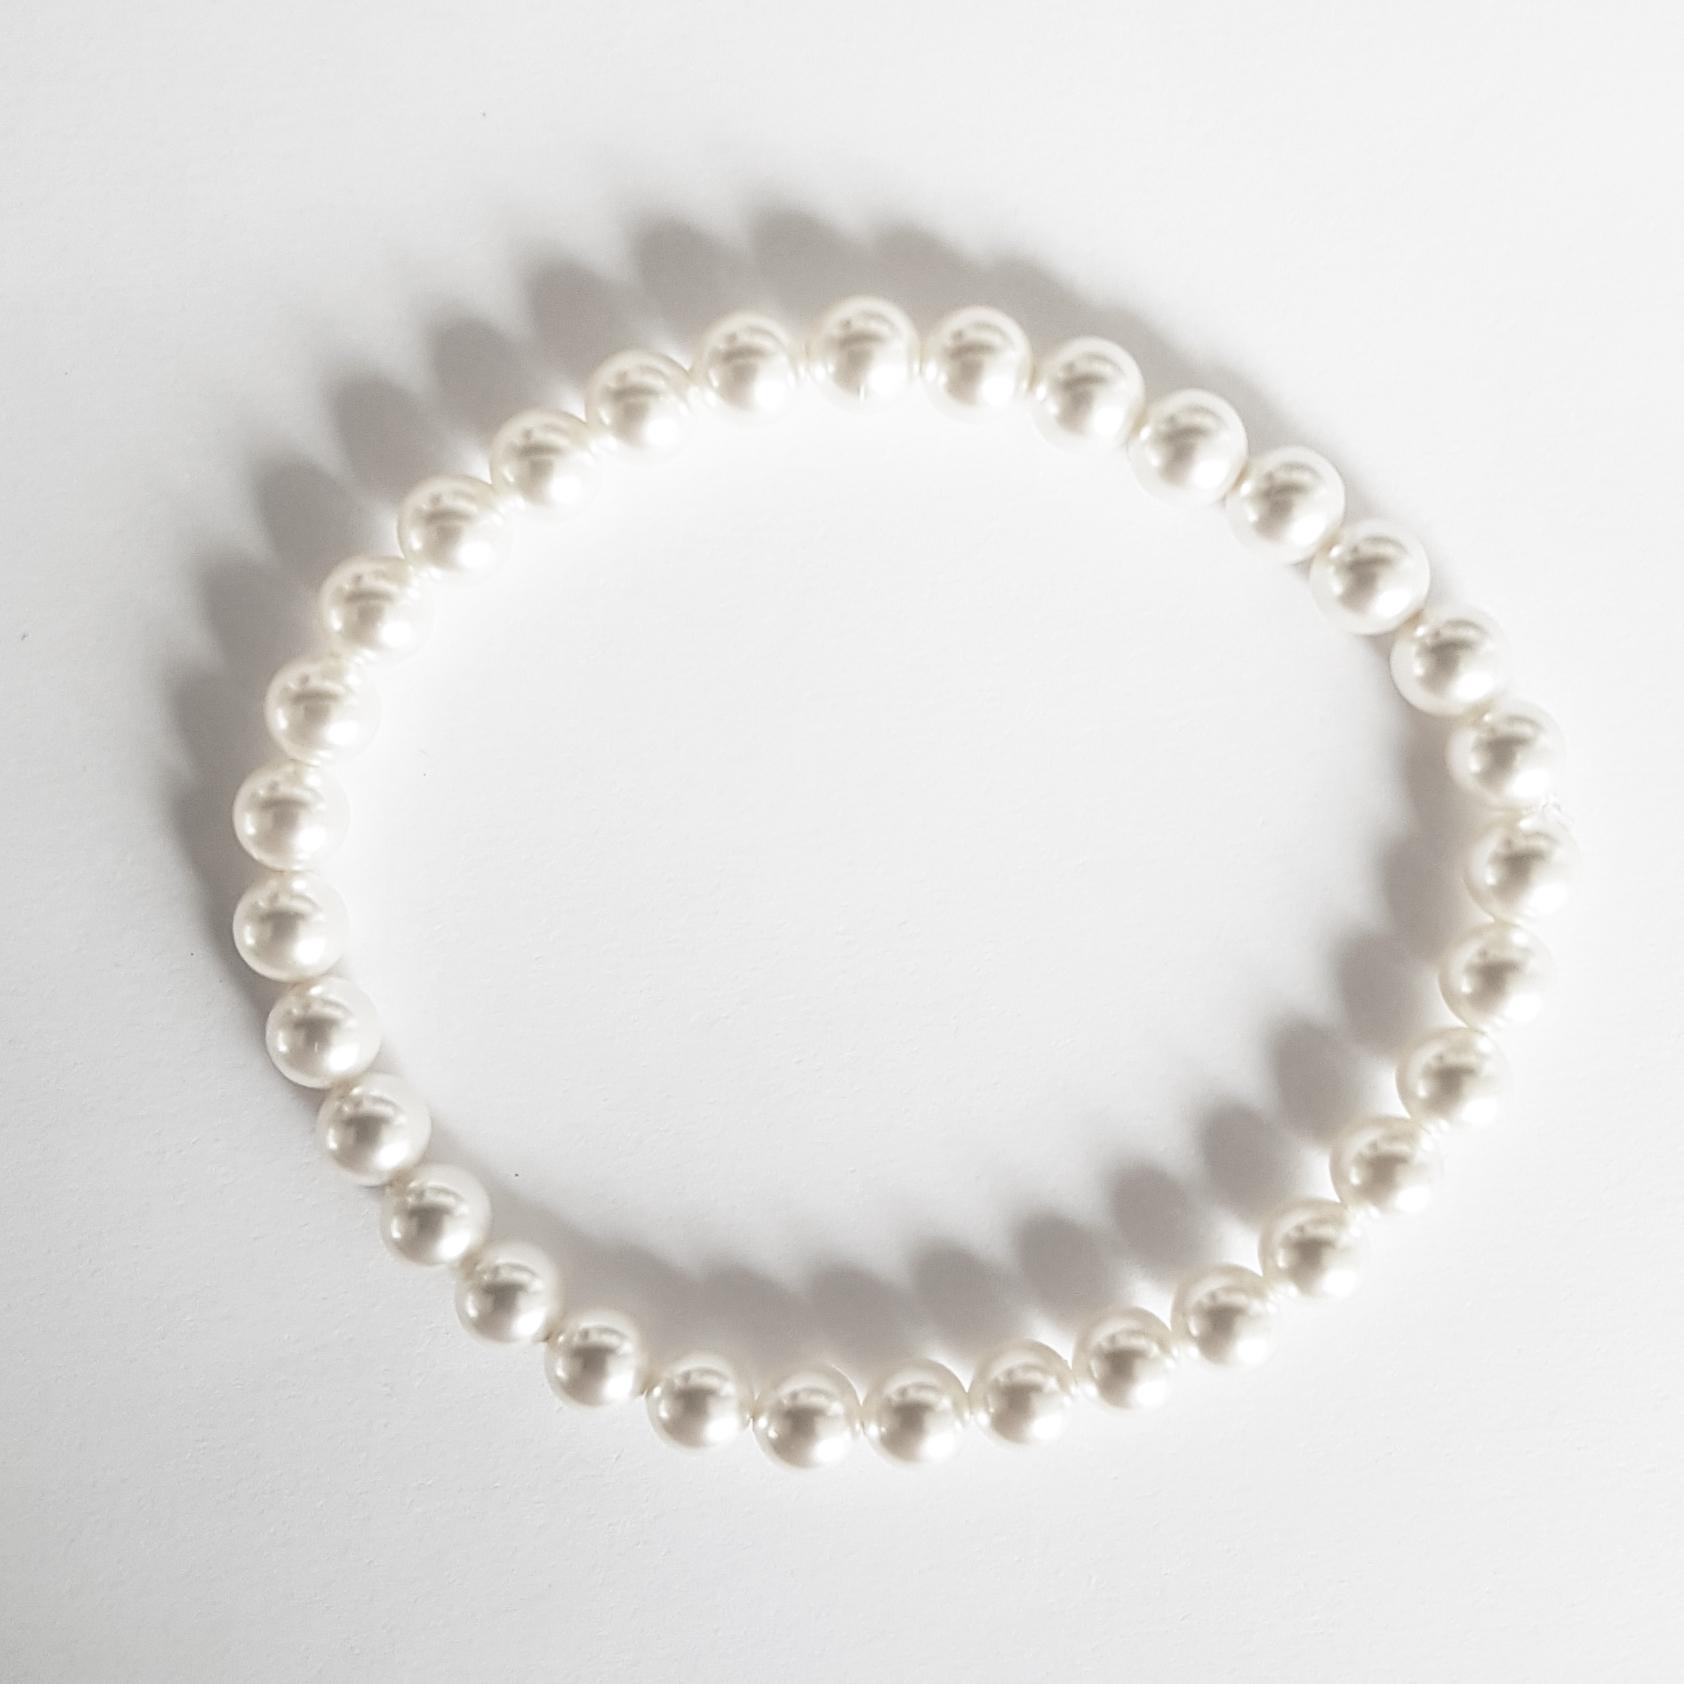 Perlový náramek s 6 mm perlami Crystals from Swarovski®